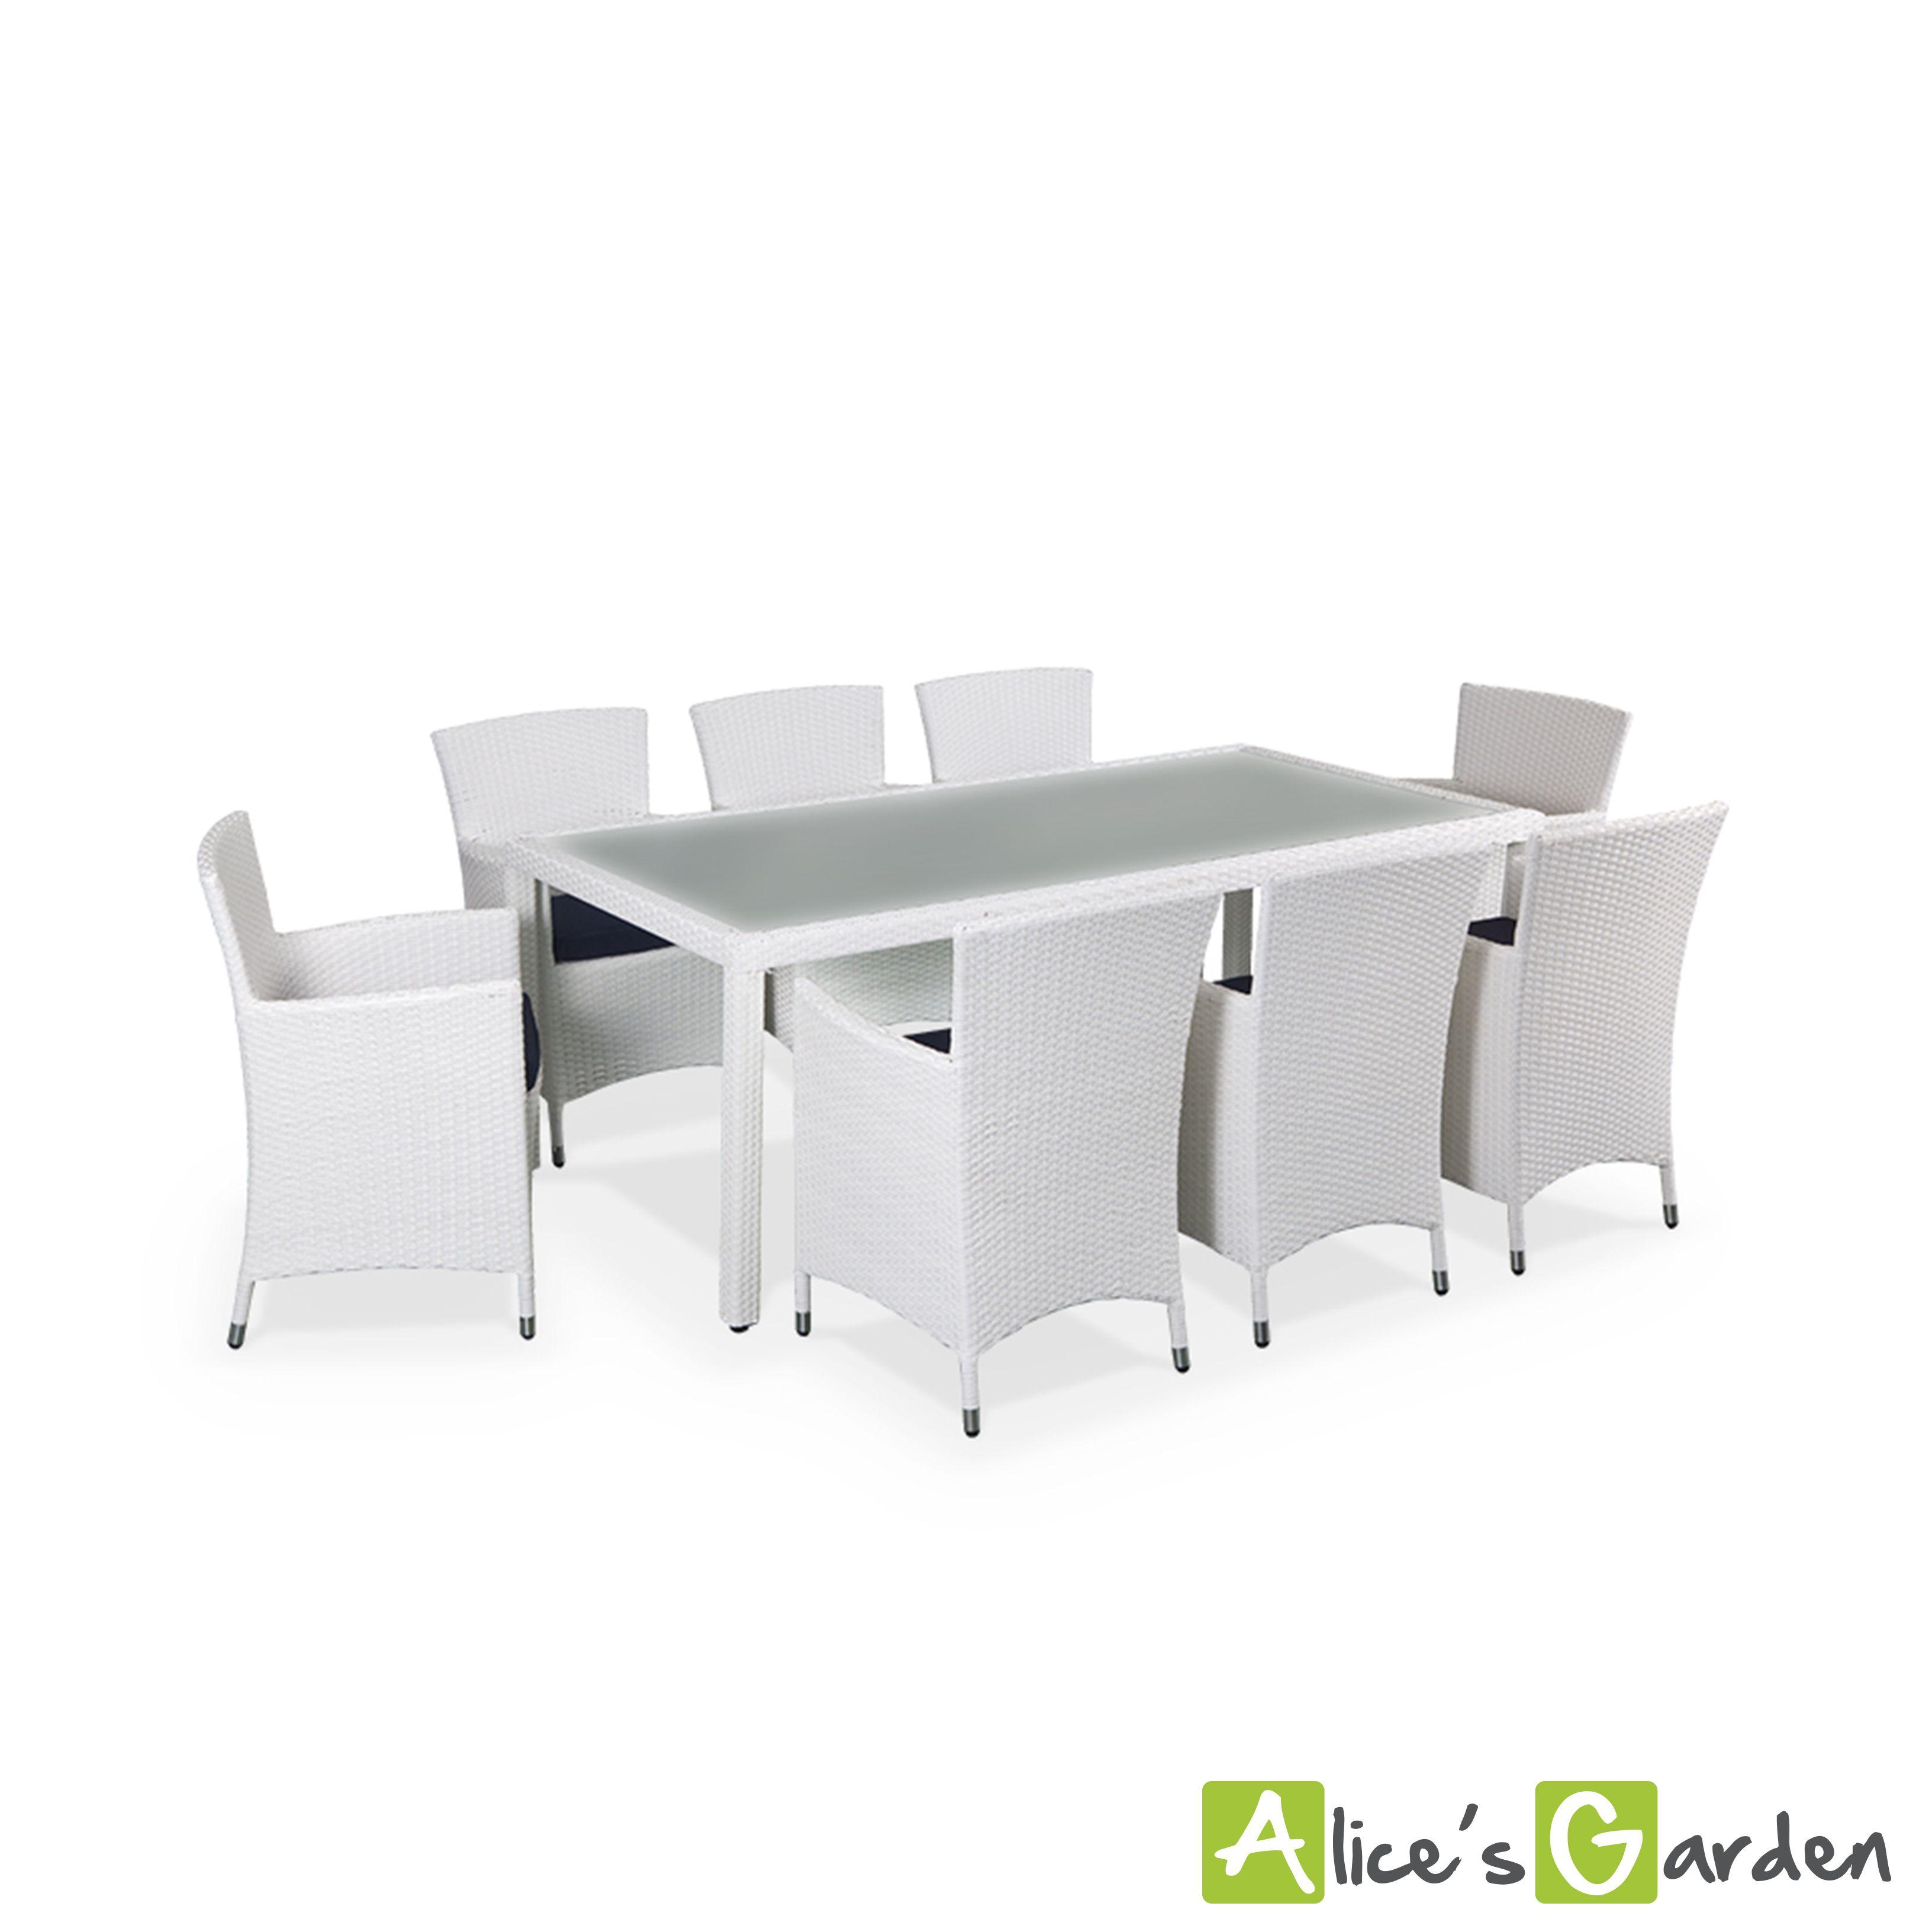 Capri table de jardin en résine tressée 8 places Coloris blanc